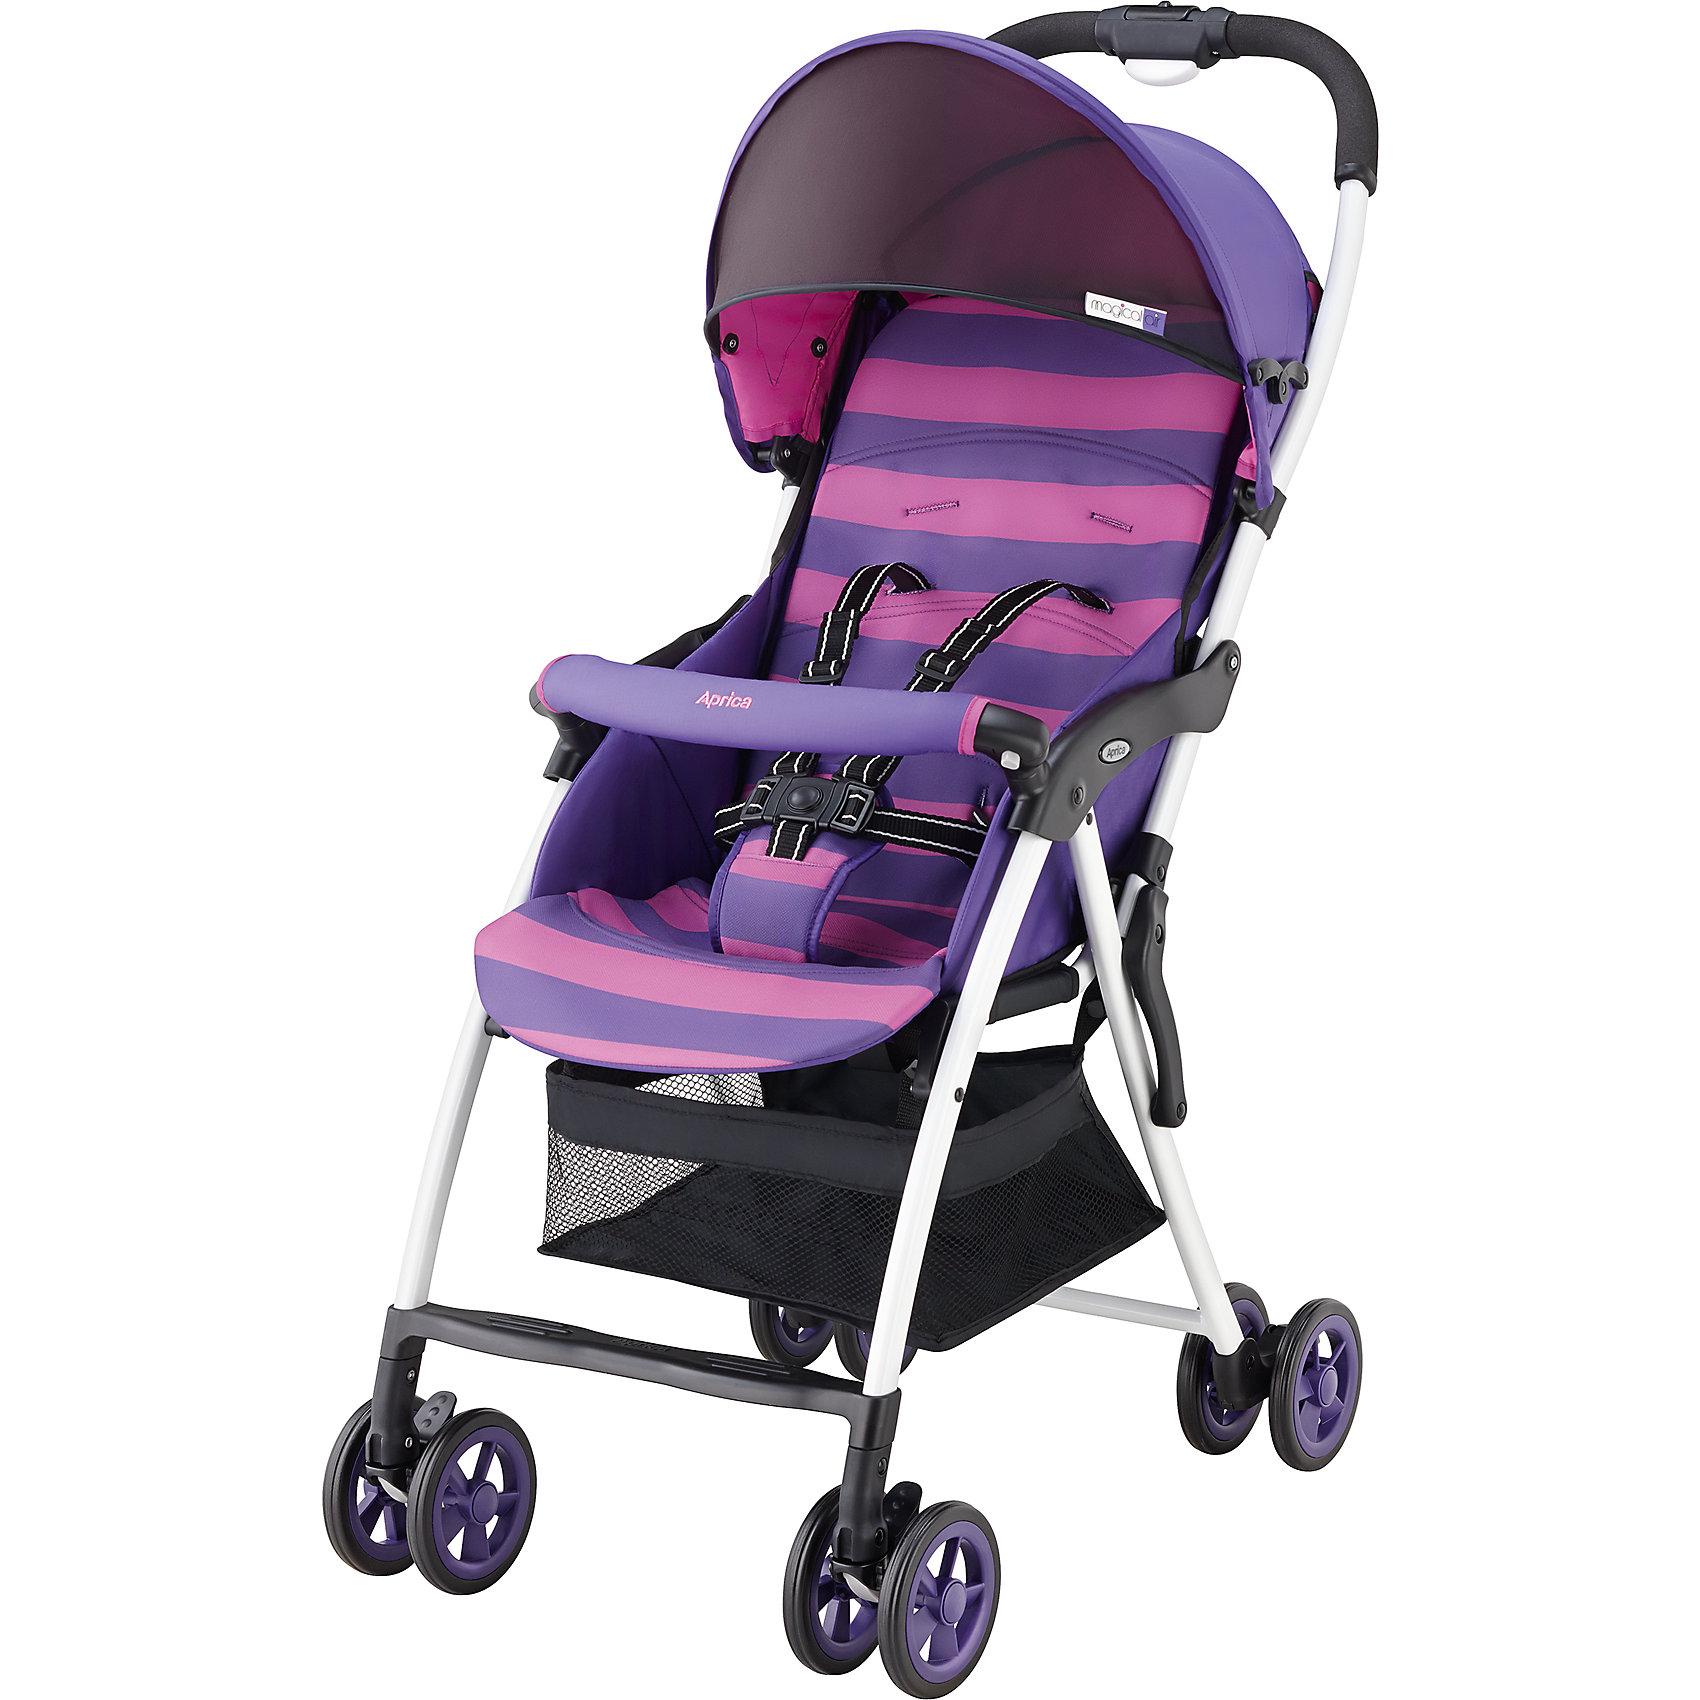 Прогулочная коляска Aprica Magical Air, фиолетовыйПрогулочные коляски<br>Супер легкая коляска прекрасно подойдет для отпуска, прогулок и шопинга.<br><br>Дополнительная информация:<br><br>Уникально малый вес – всего 2,8 кг<br>Коляска  легко складывается и раскладывается одним нажатием кнопки<br>Очень компактна в сложенном виде<br>Прочная рама дает возможность длительного использования<br>Солнцезащитный козырек защищает от УФ лучей<br>Удобный съемный бампер<br>Просторное, широкое сидение <br>Сдвоенные пары колес<br>верхняя часть матрасика на молнии (легко снимается и стирается при 30 град. С)<br>3D колеса увеличенного диаметра и ширины<br>Комплектация: Прогулочный блок, Рама, 5-точечные внутренние ремни<br>Вес ребенка: до 15 кг<br>Тип складывания«книжка»<br>Регулировка спинки: есть, 118-135°<br>Горизонтальное положение спинки: нет<br>Перекидная ручка: нет<br>Внутренние ремни: есть, 5-точечные<br>Съемные подушки: да, можно стирать<br>Корзина для вещей сетчатая<br>Размеры в разложенном виде (Ш?Д?В)46?80?97 см<br>Размеры в сложенном виде (Ш?Д?В)46?27?97 см<br>Внутренняя ширина сидения 32 см<br><br>Прогулочную коляску Magical Air, Aprica, фиолетовый можно купить в нашем магазине.<br><br>Ширина мм: 970<br>Глубина мм: 470<br>Высота мм: 270<br>Вес г: 4900<br>Цвет: фиолетовый<br>Возраст от месяцев: 6<br>Возраст до месяцев: 36<br>Пол: Женский<br>Возраст: Детский<br>SKU: 4639432